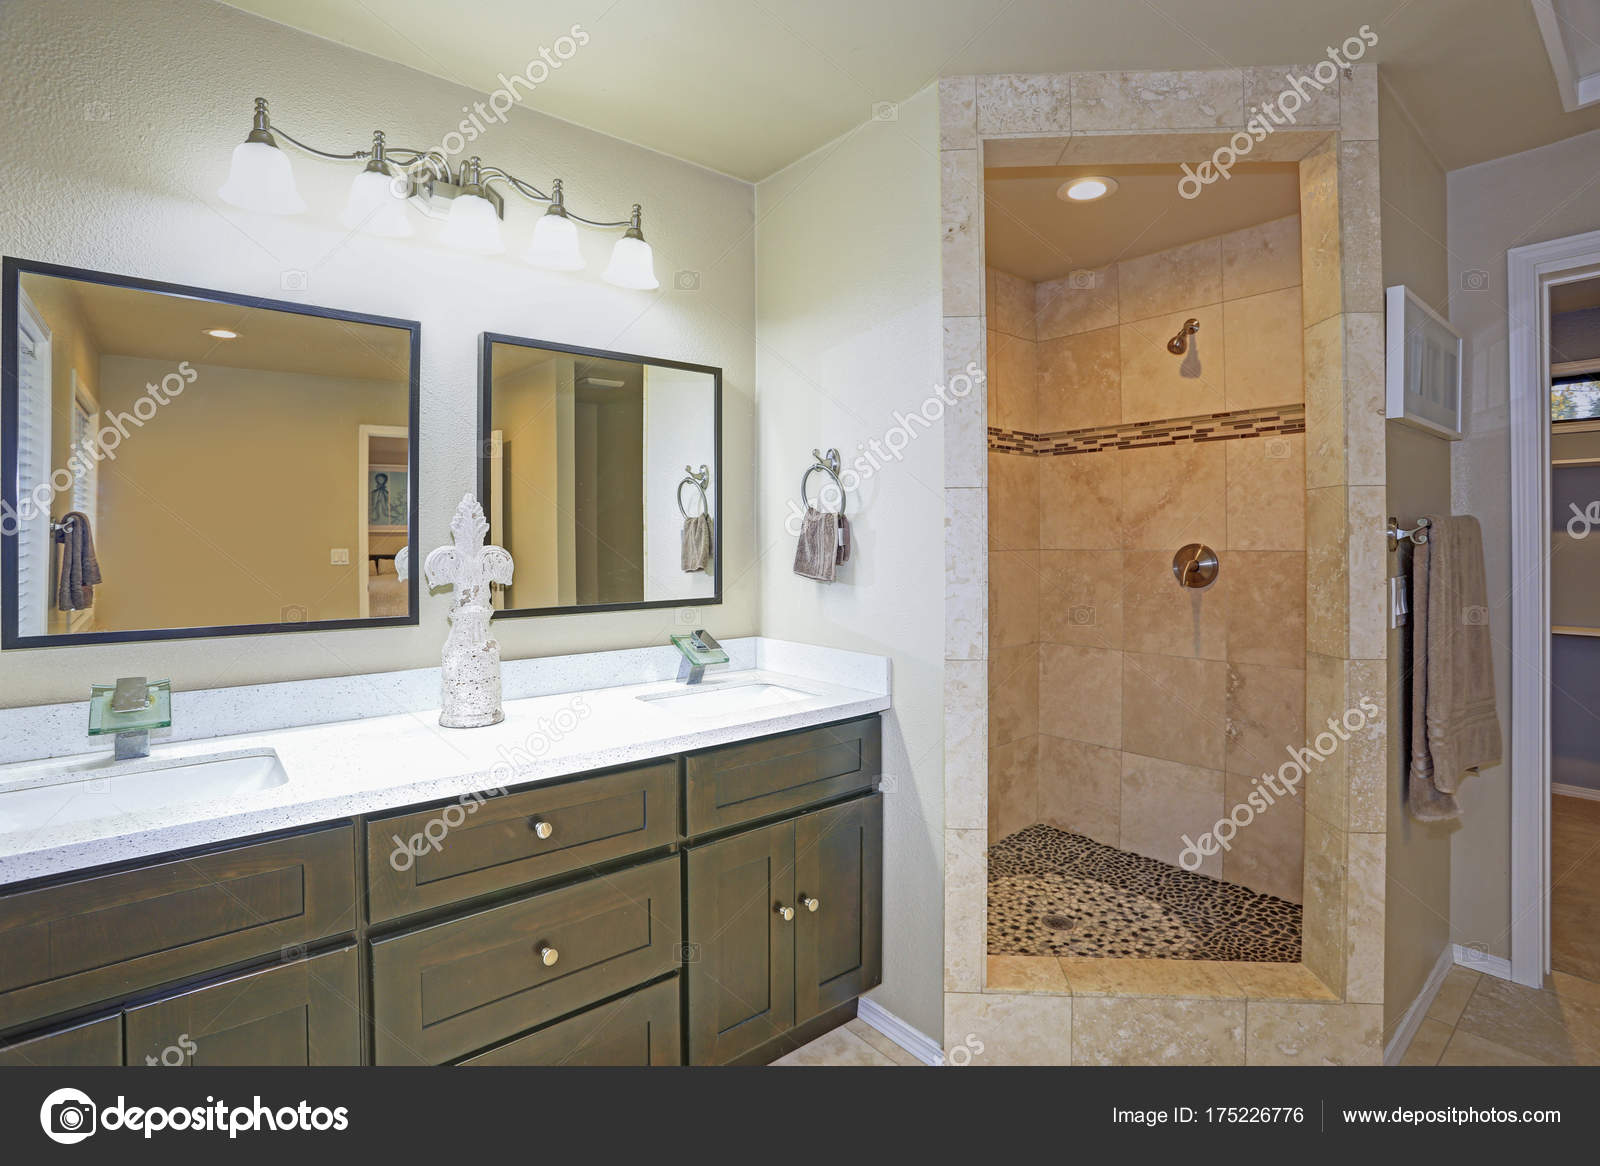 Elegant Master Bad Design Mit Luxus Dusche Akzentuiert Mit Mosaik Streifen Und Doppelte  Badezimmer Eitelkeit Auf Beige Fliesenboden U2014 Foto Von Alabn